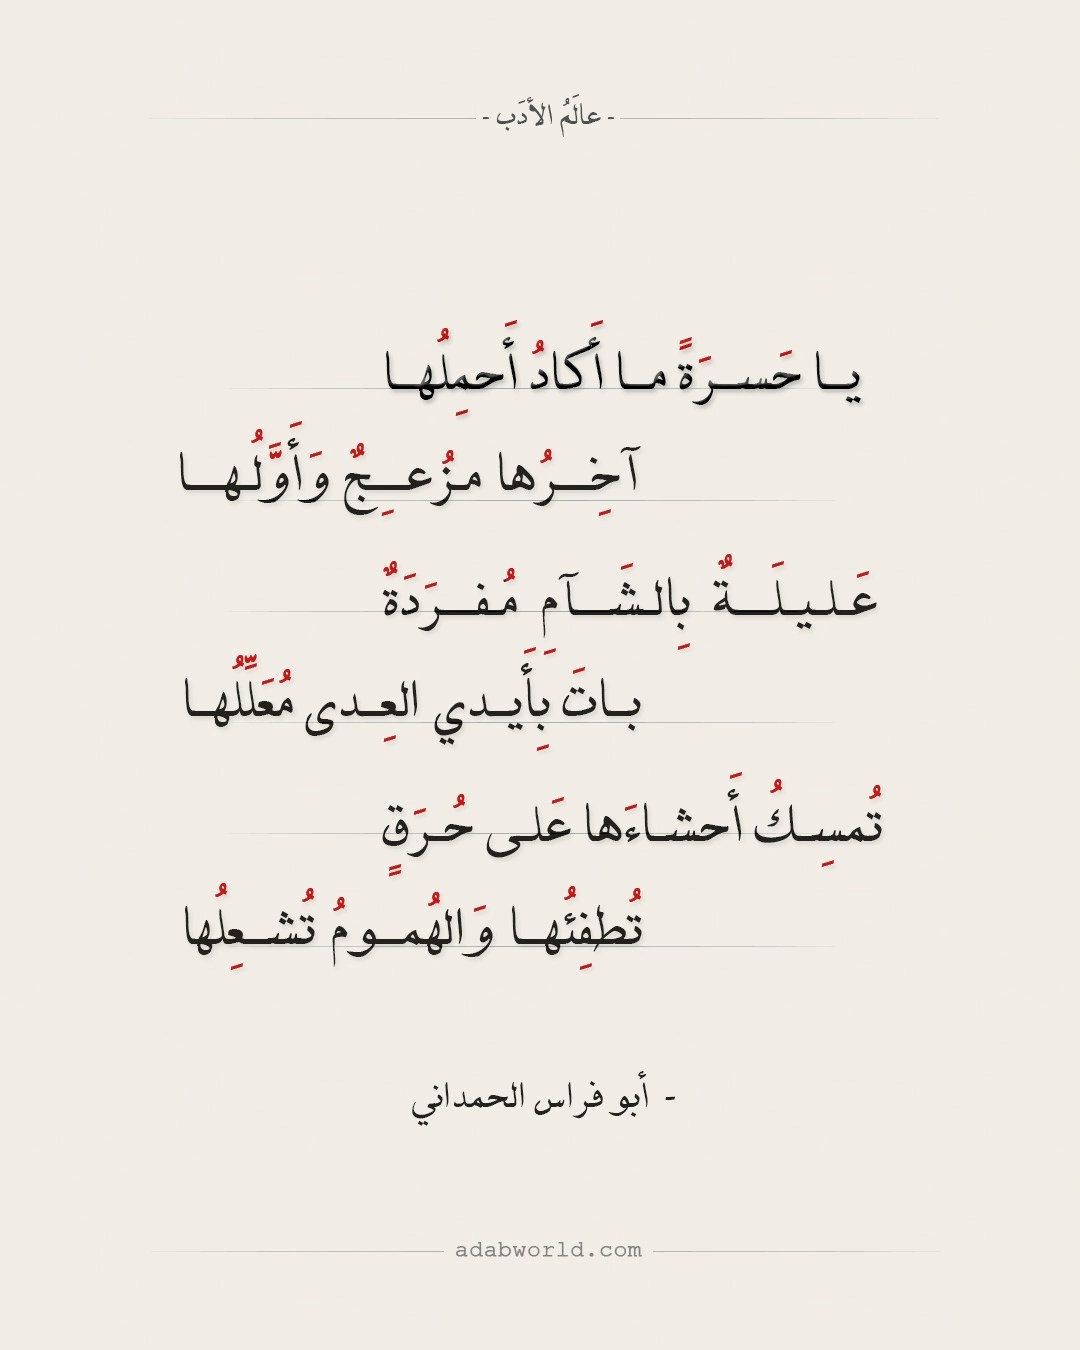 يا حسرة قصيدة لأبي فراس الحمداني